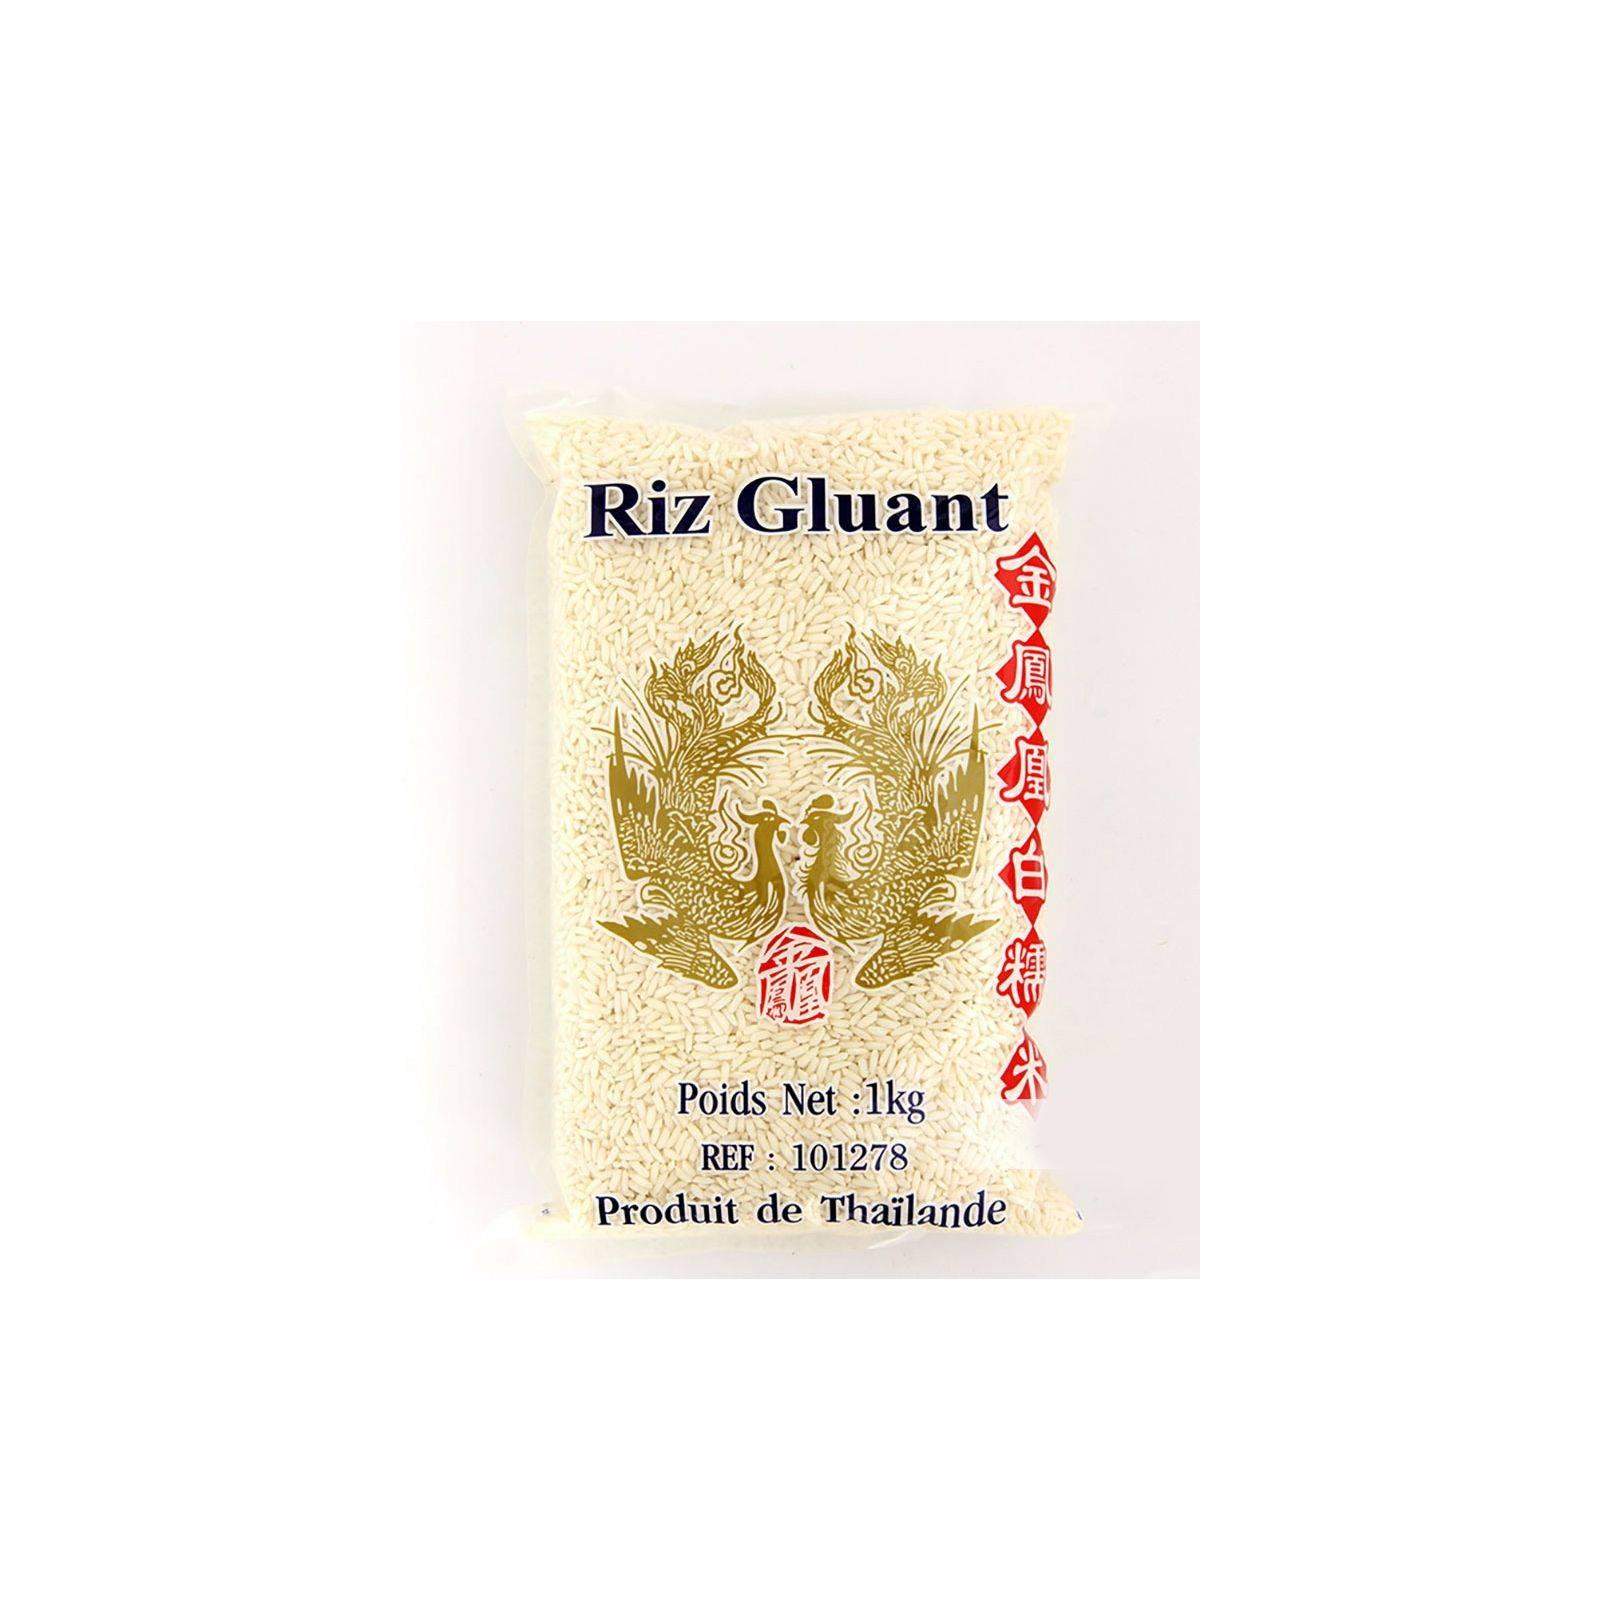 Asia Marché Riz Gluant Oiseaux Célèstes (Phoenix) 5 kg